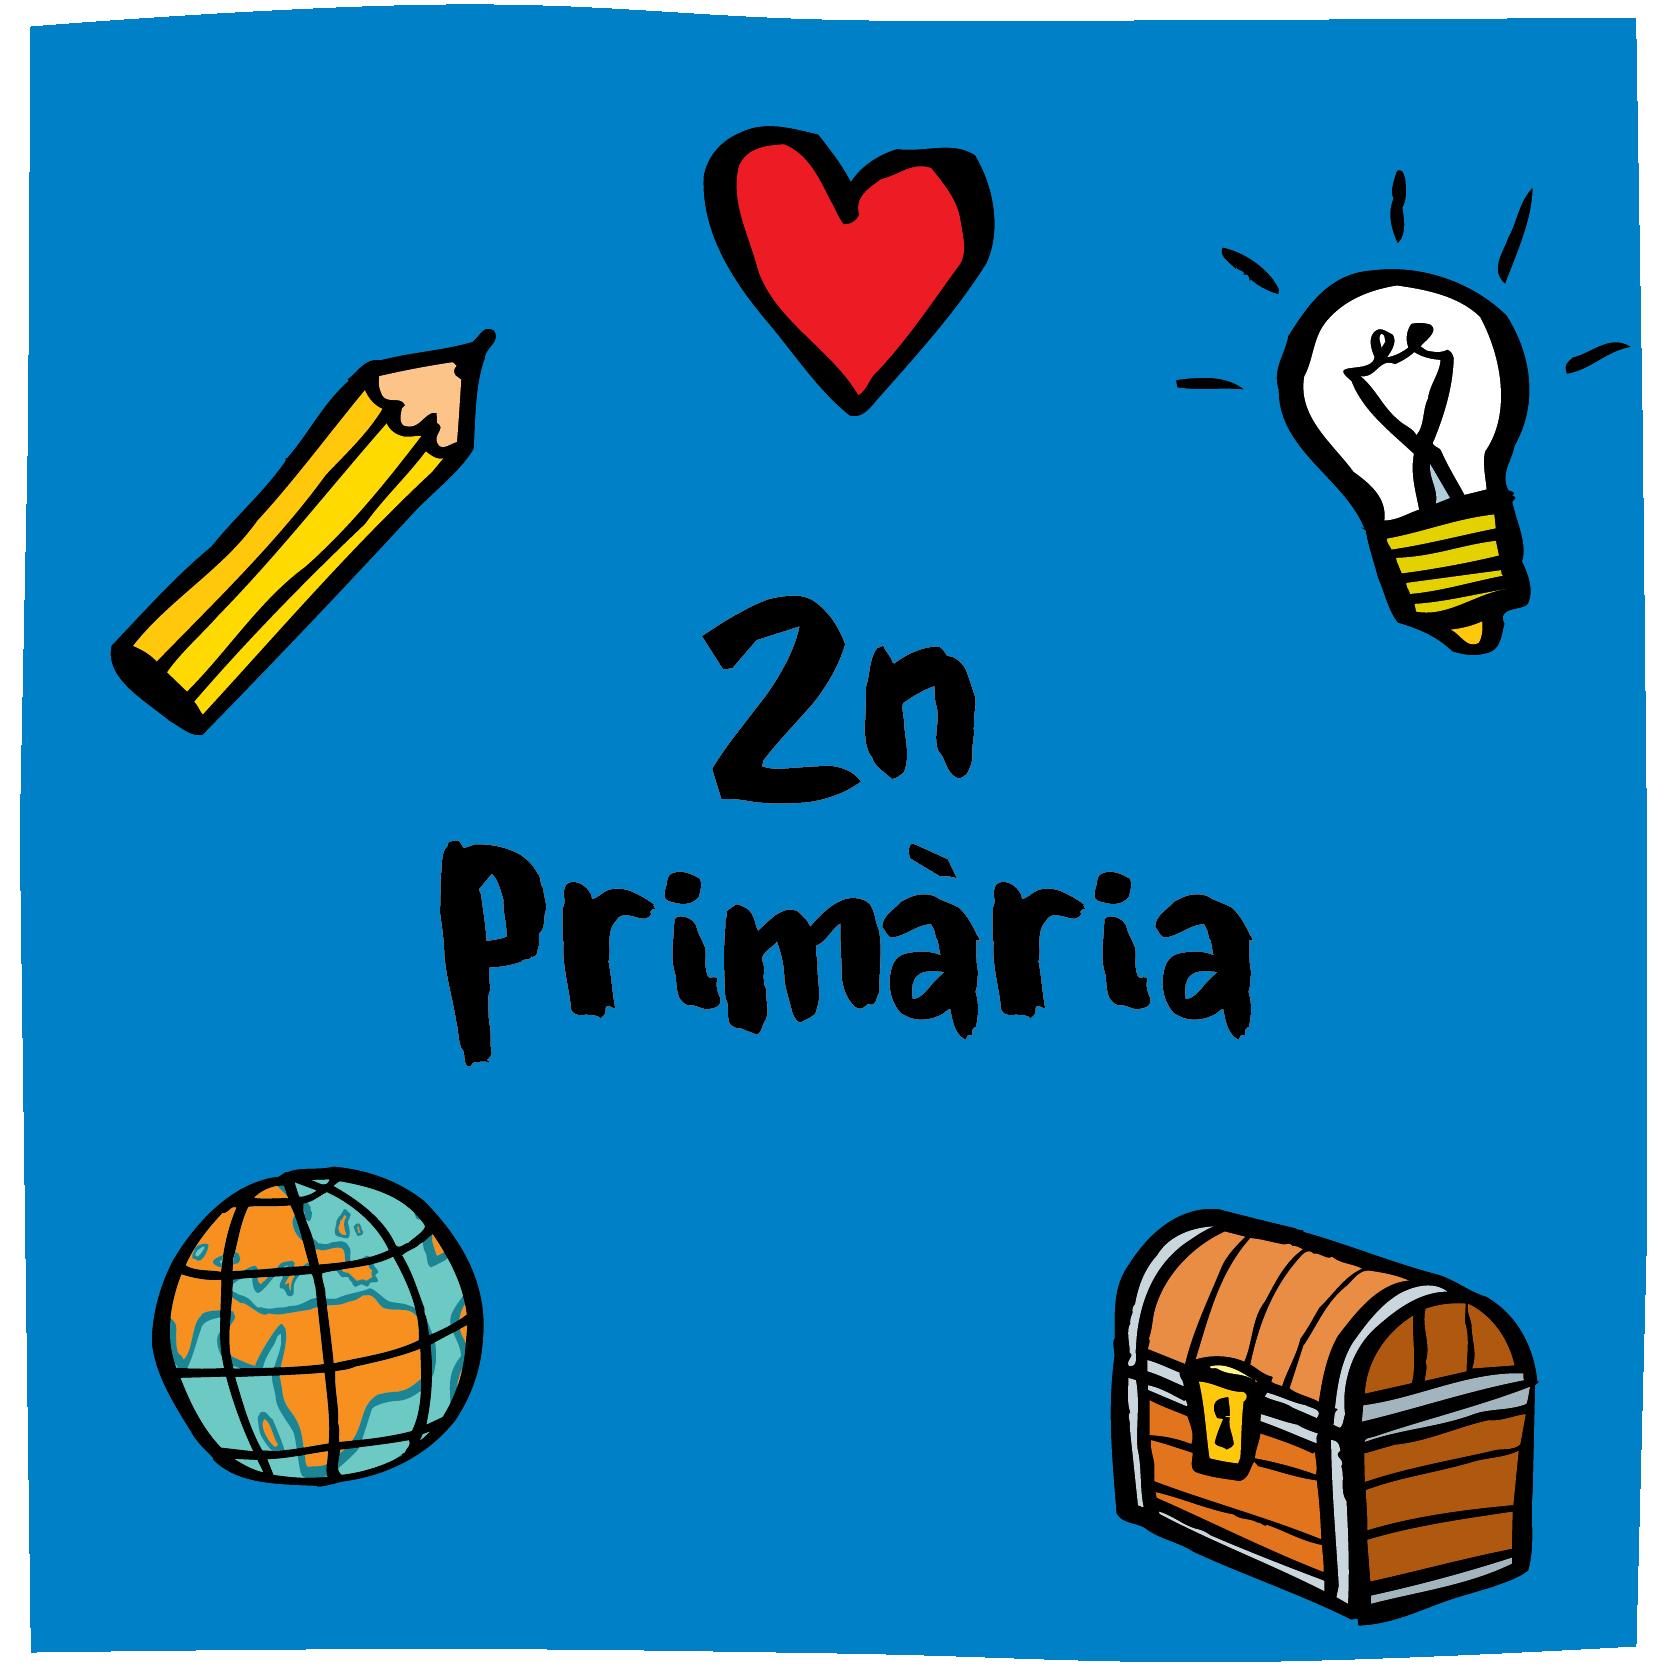 OBN 2n Primària